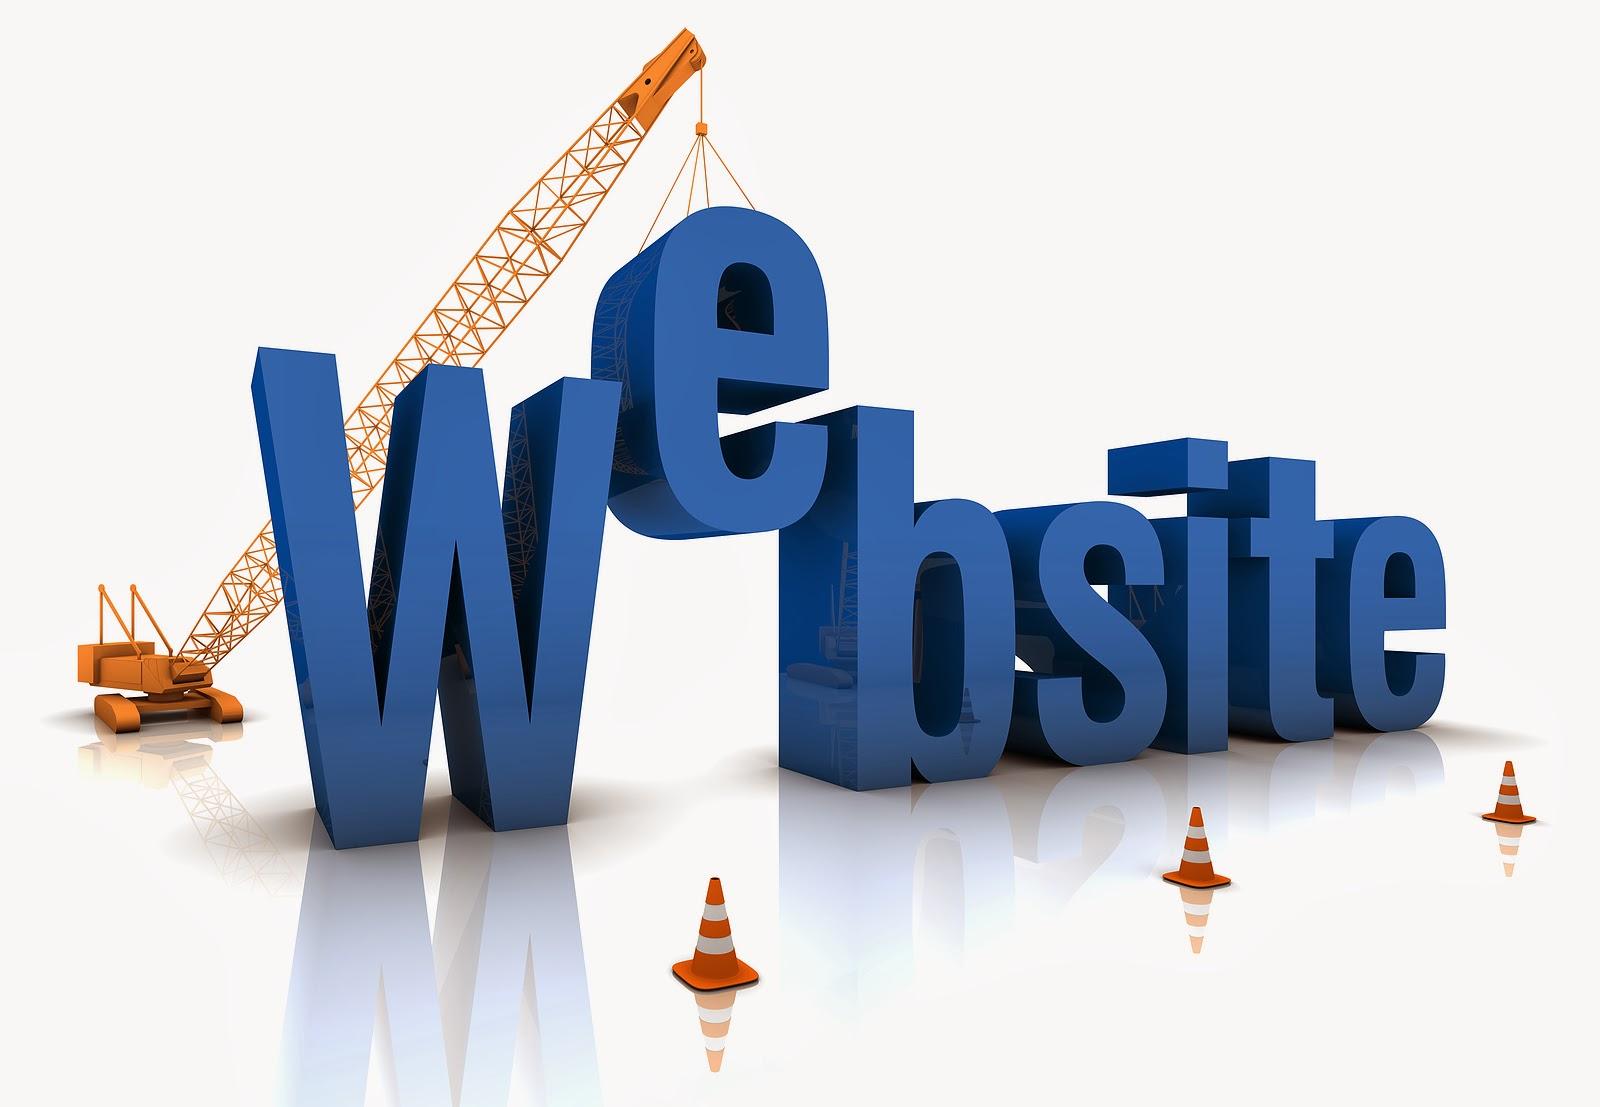 JAGO WEBSITE RAHASIA TERMUDAH MEMBUAT WEBSITE Silakan Download